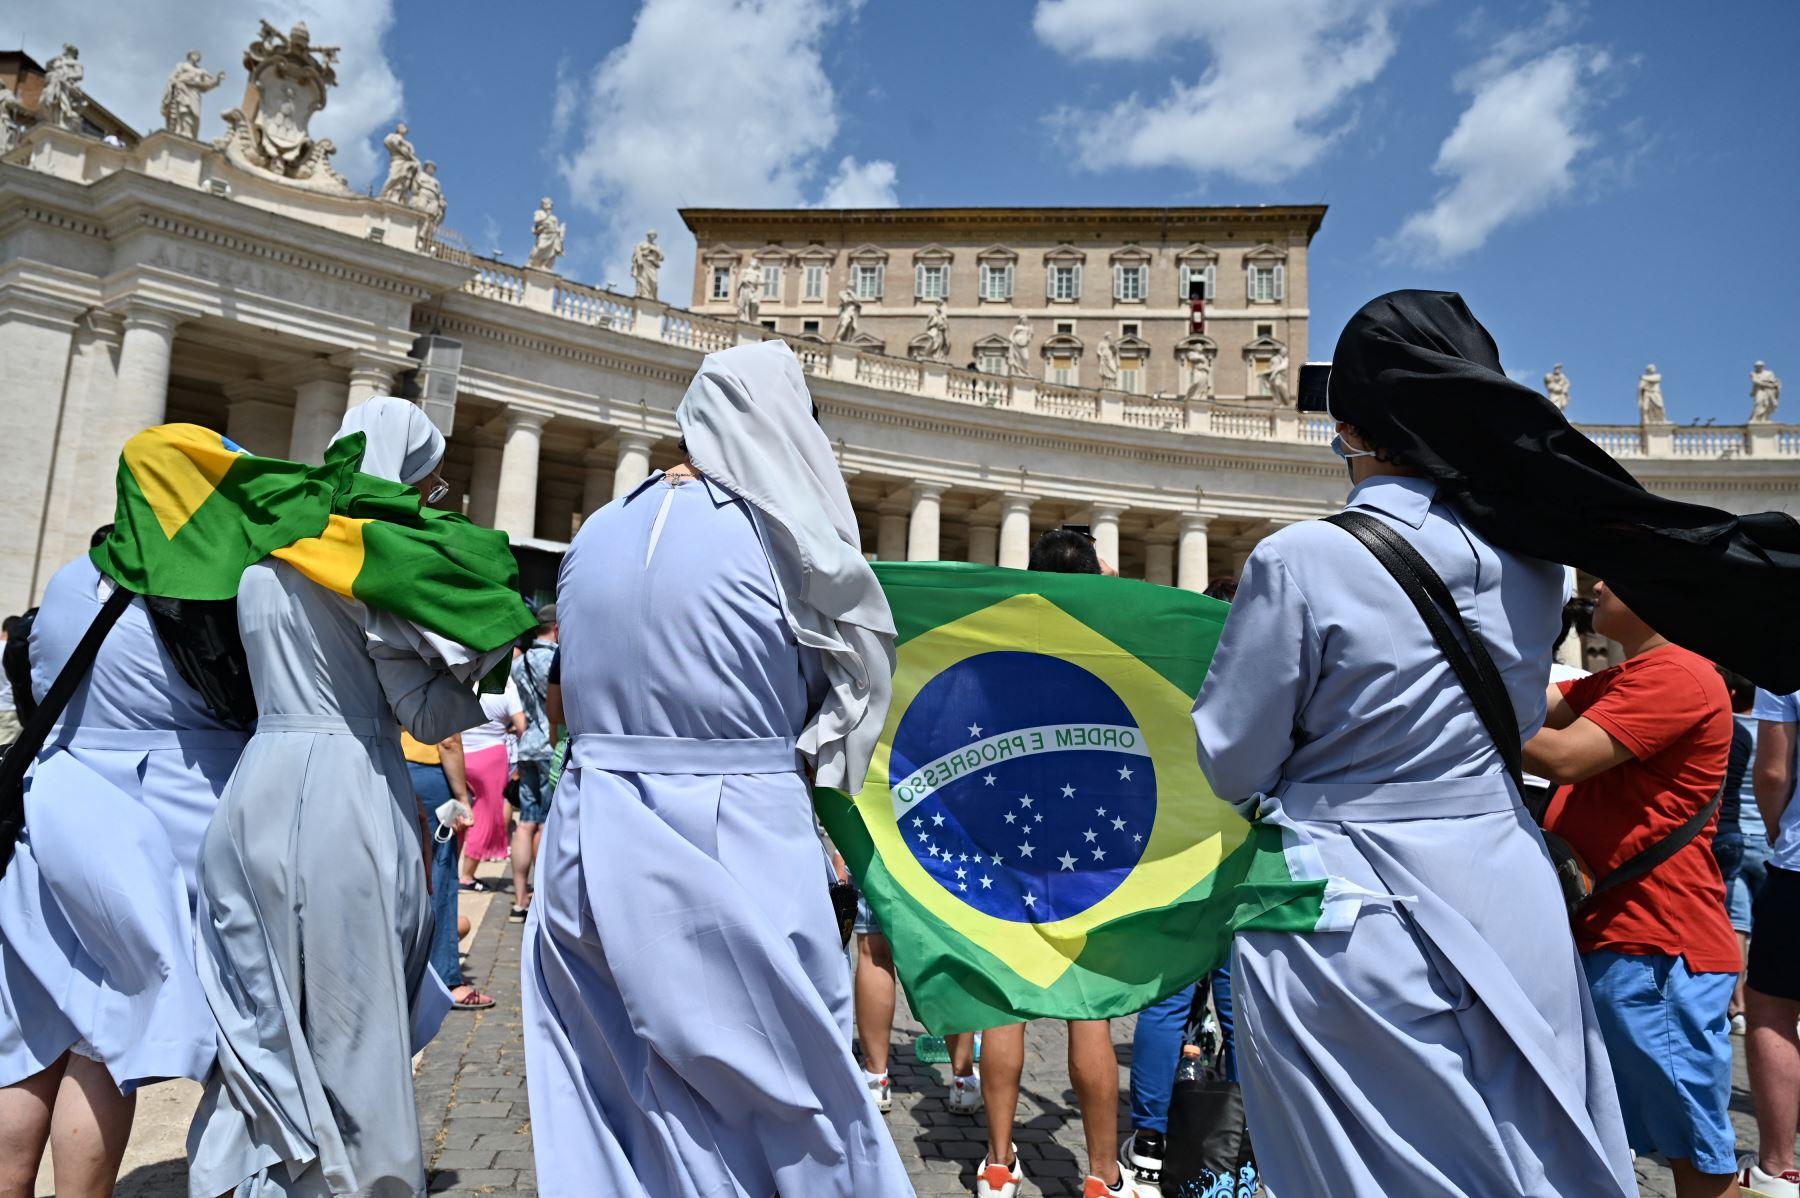 Las monjas sostienen una bandera brasileña mientras el Papa Francisco pronuncia la oración del Ángelus dominical desde la ventana de su estudio con vista a la Plaza de San Pedro en el Vaticano. Foto: AFP